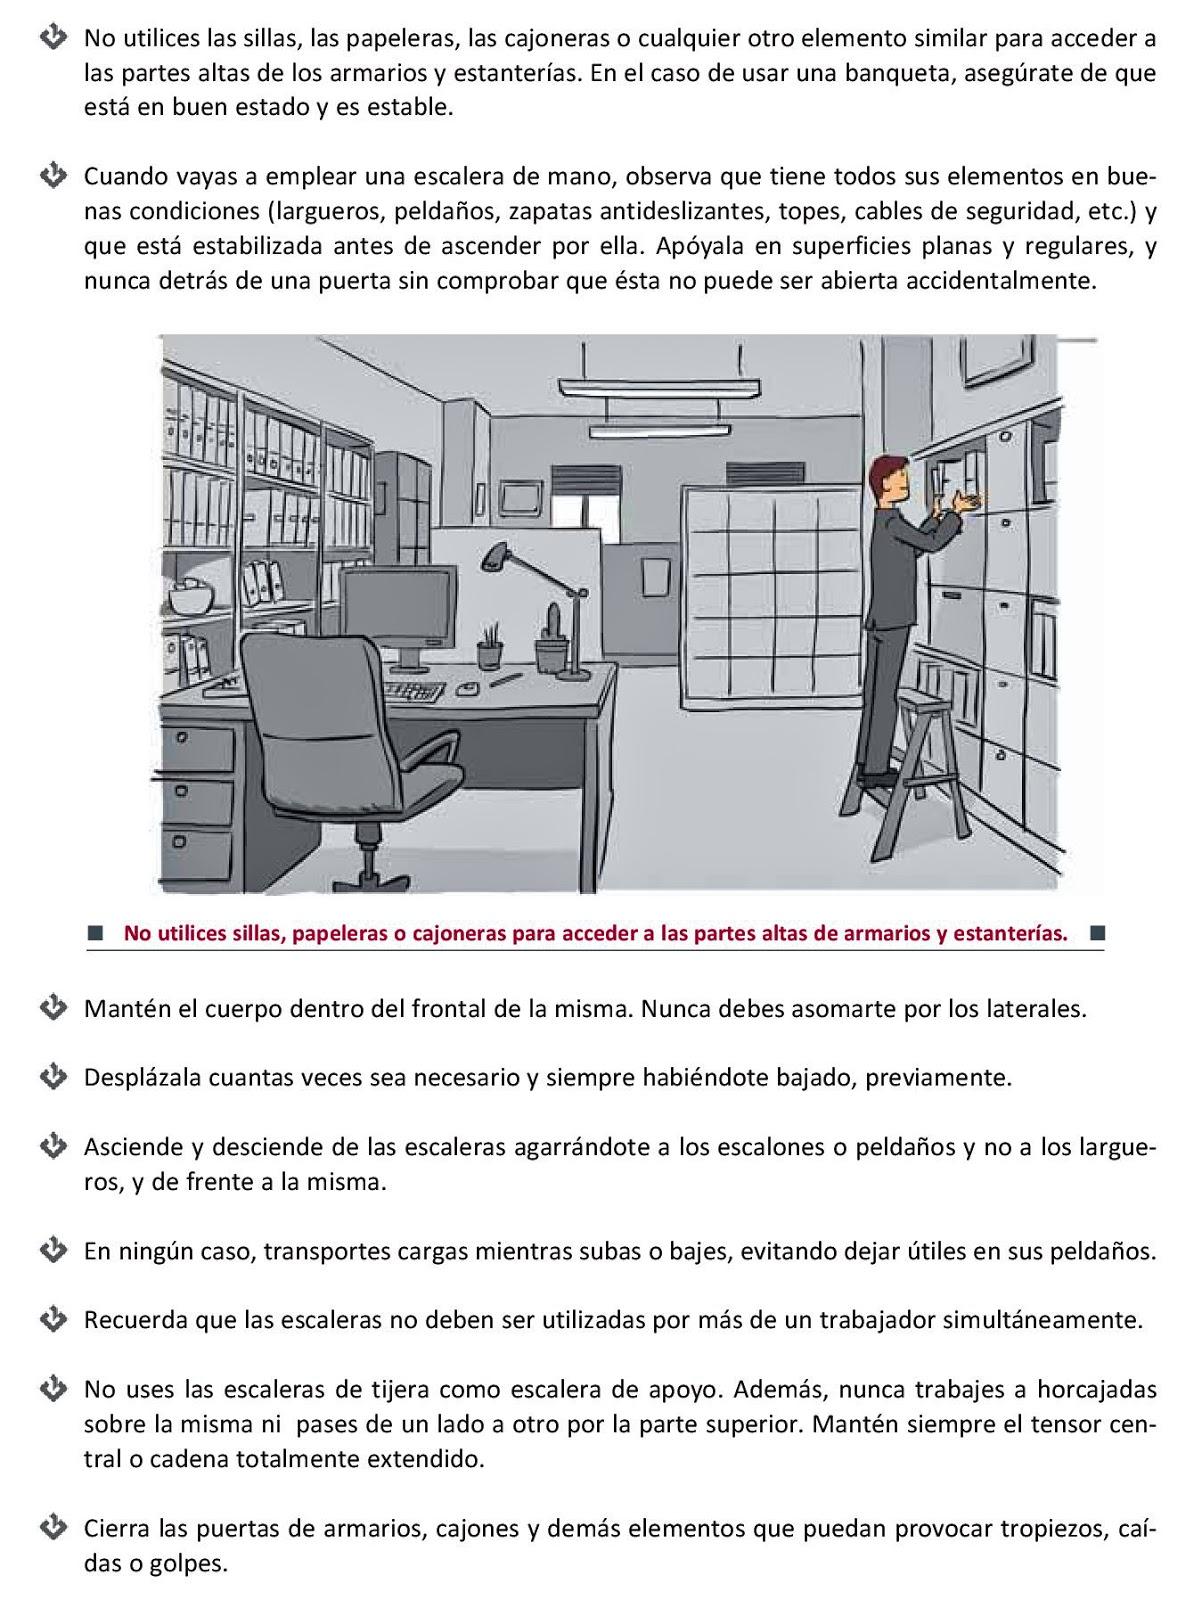 Cursos SeguridadSalud Y AmbienteSsoma En Ocupacional Medio 8mNnv0w